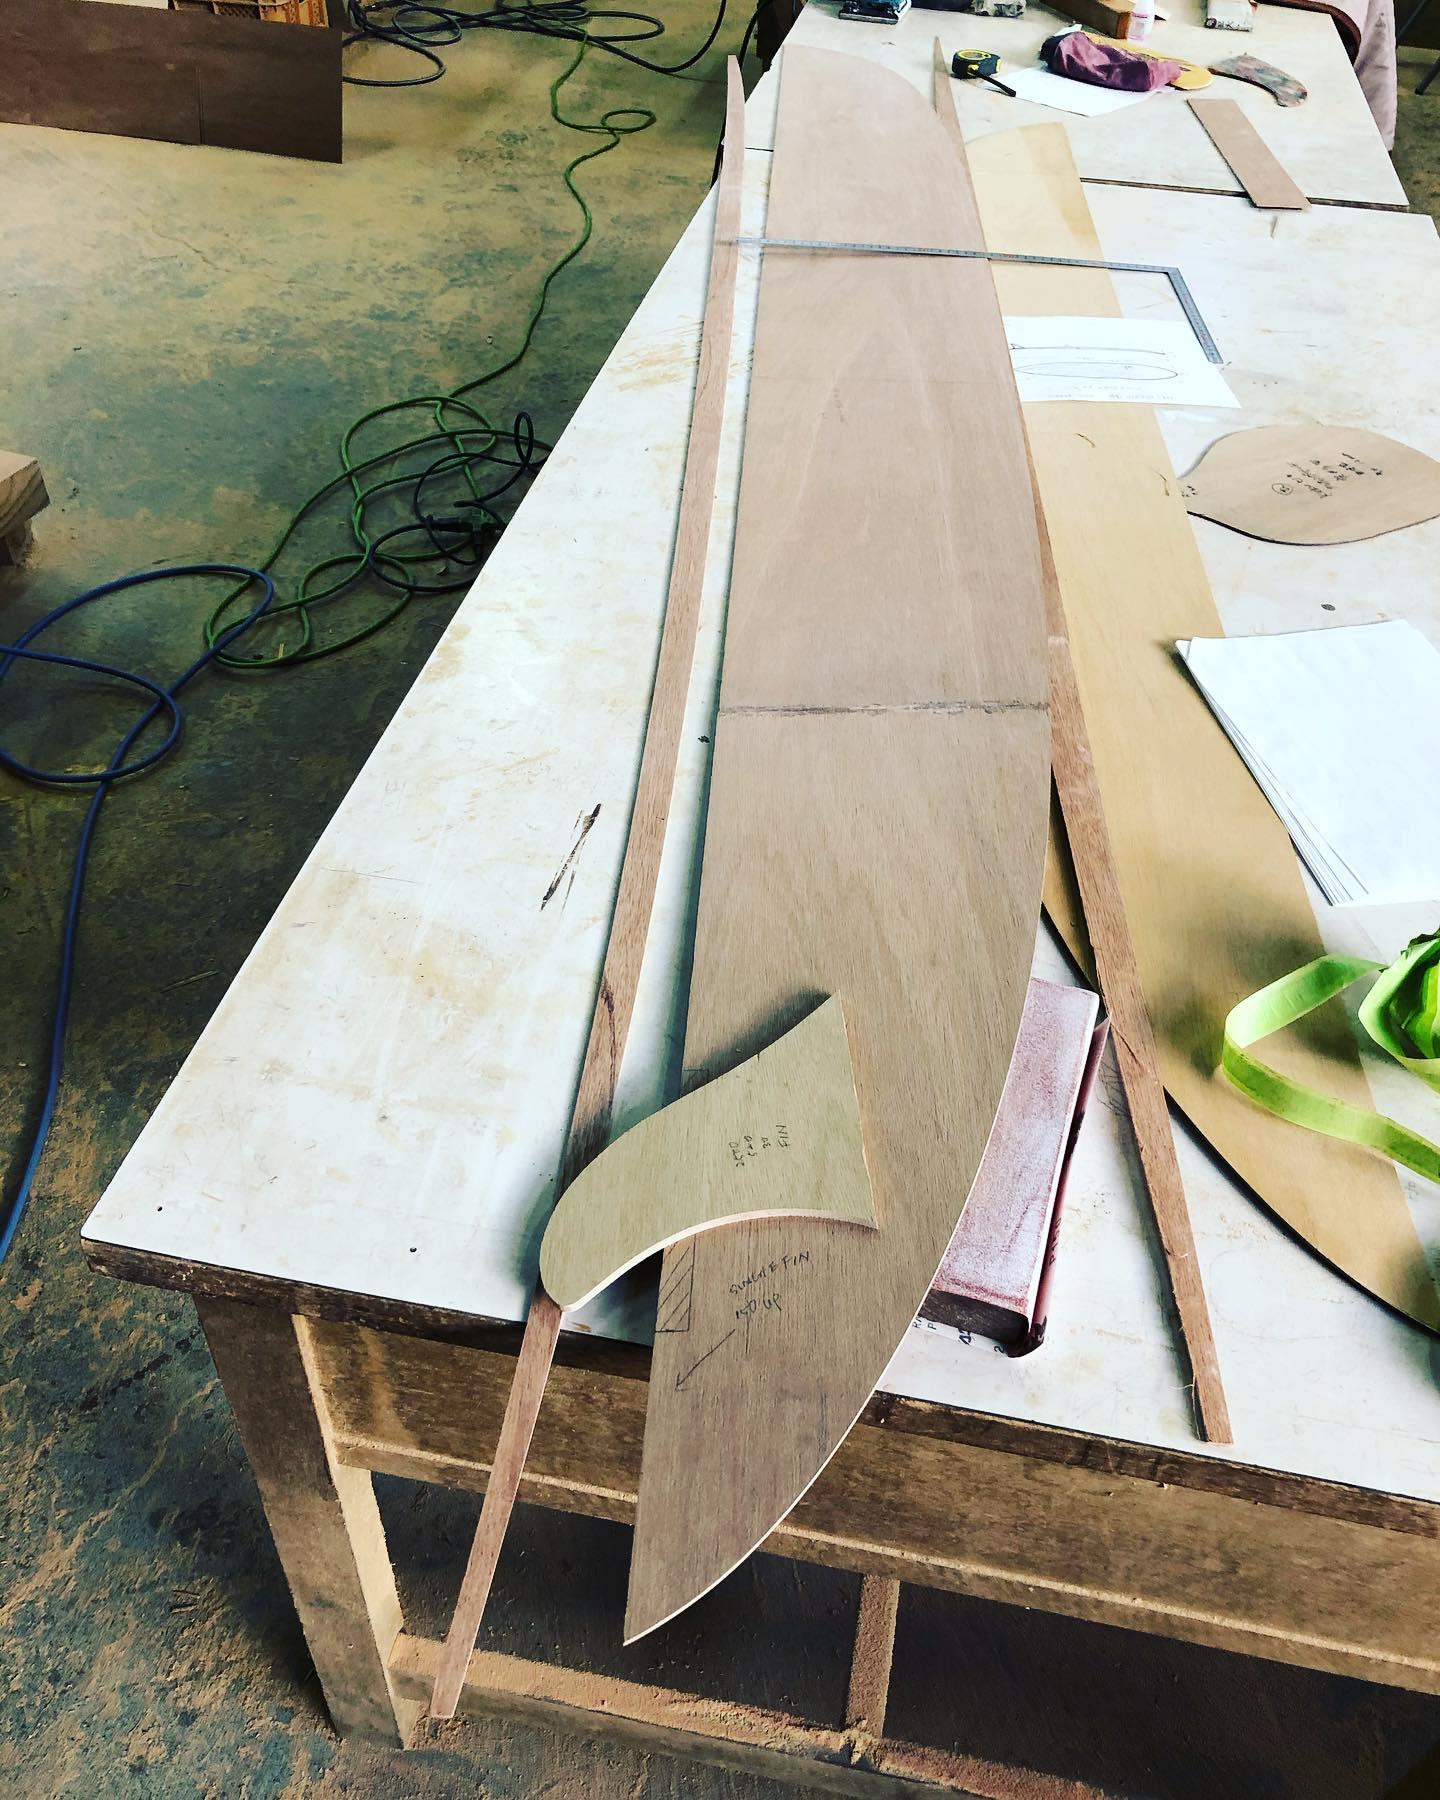 ウッドボード製作開始。フィンテンプレートとロッカーゲージ